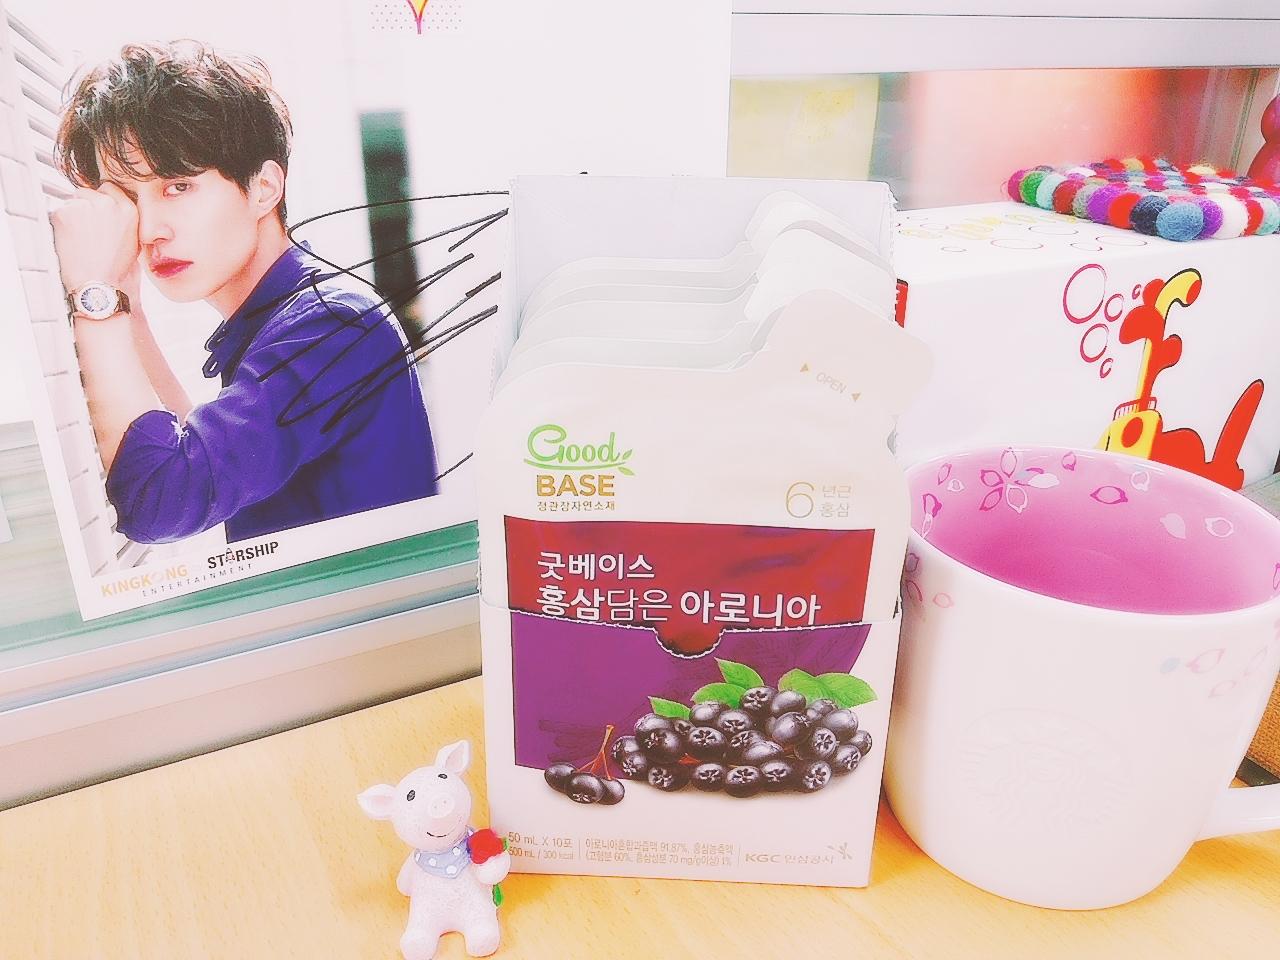 韓國女星瘋搶的美容飲-正官庄高麗蔘野櫻莓飲♥